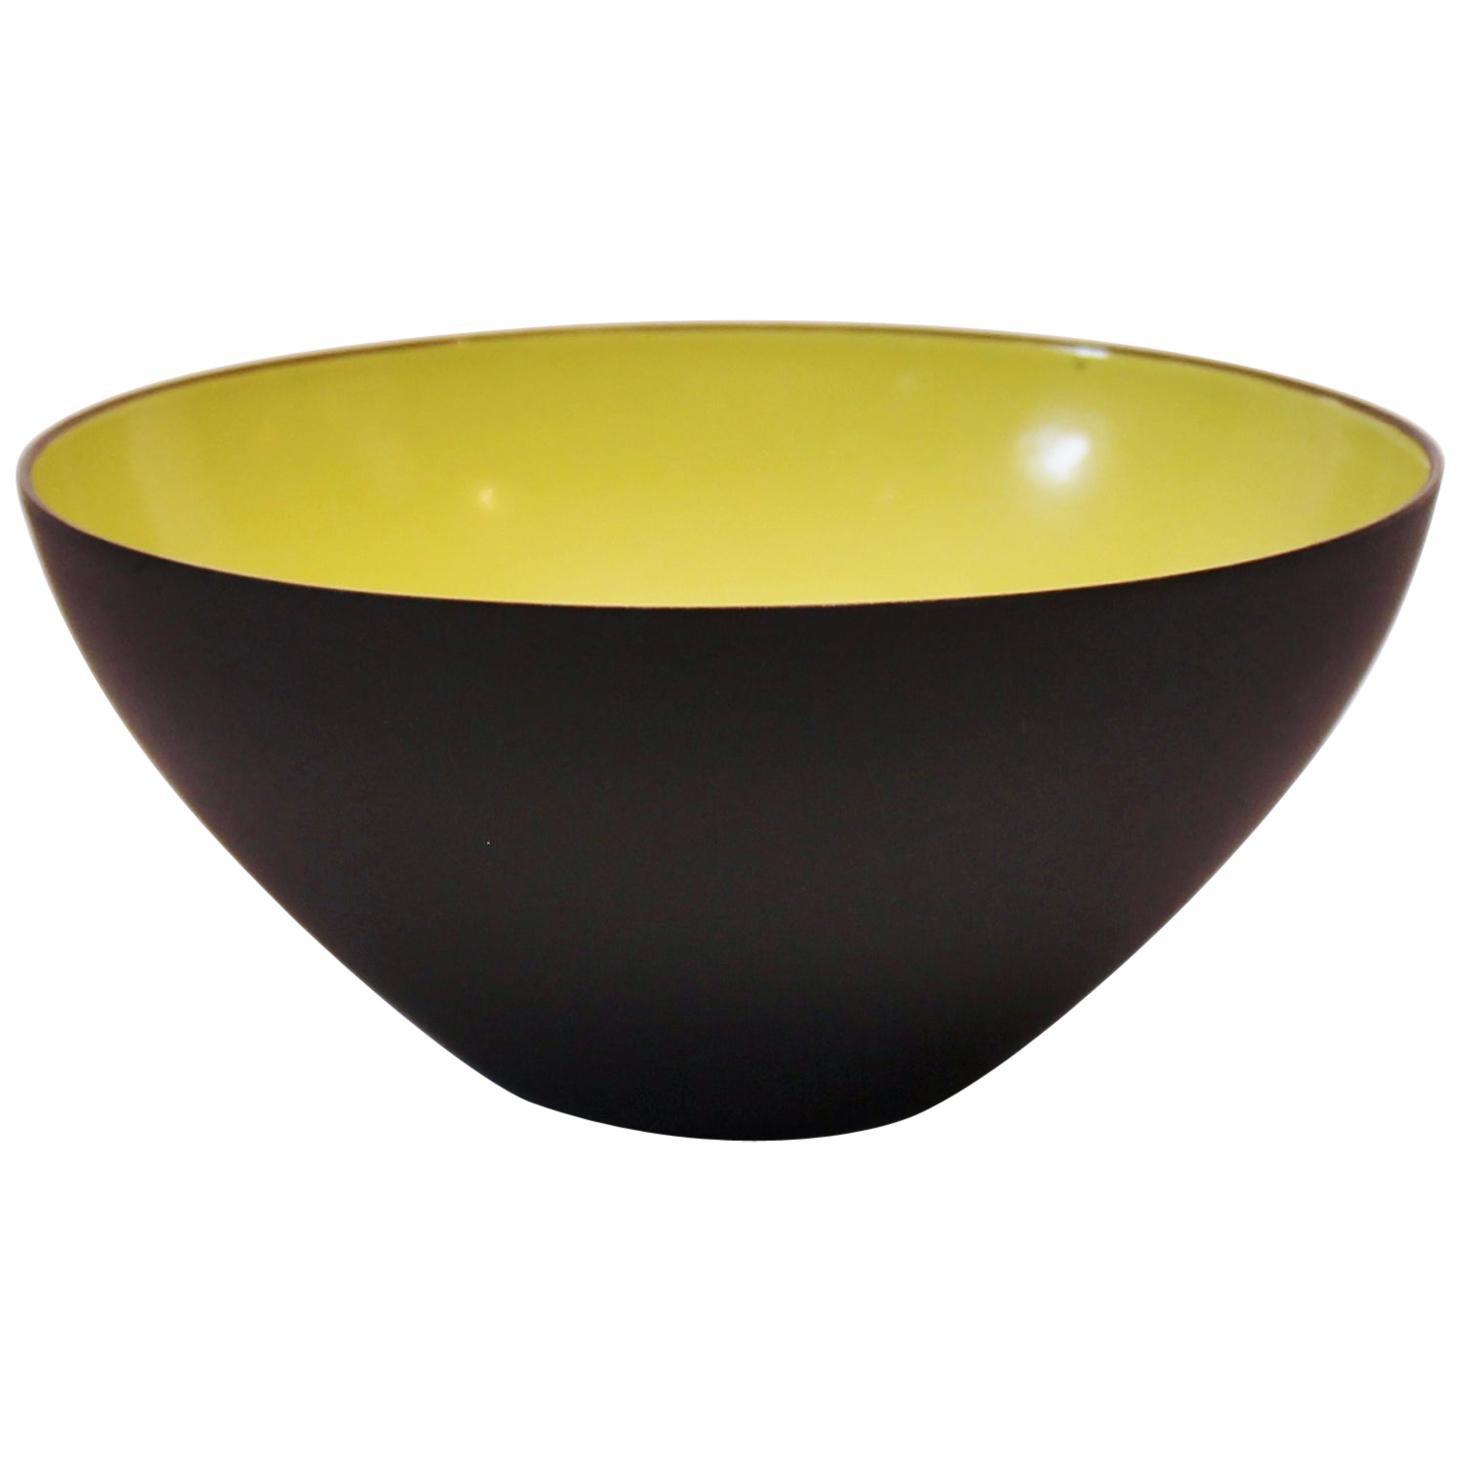 Krenit Bowl, Light Green Enamel, by Herbert Krenchel, 1960s